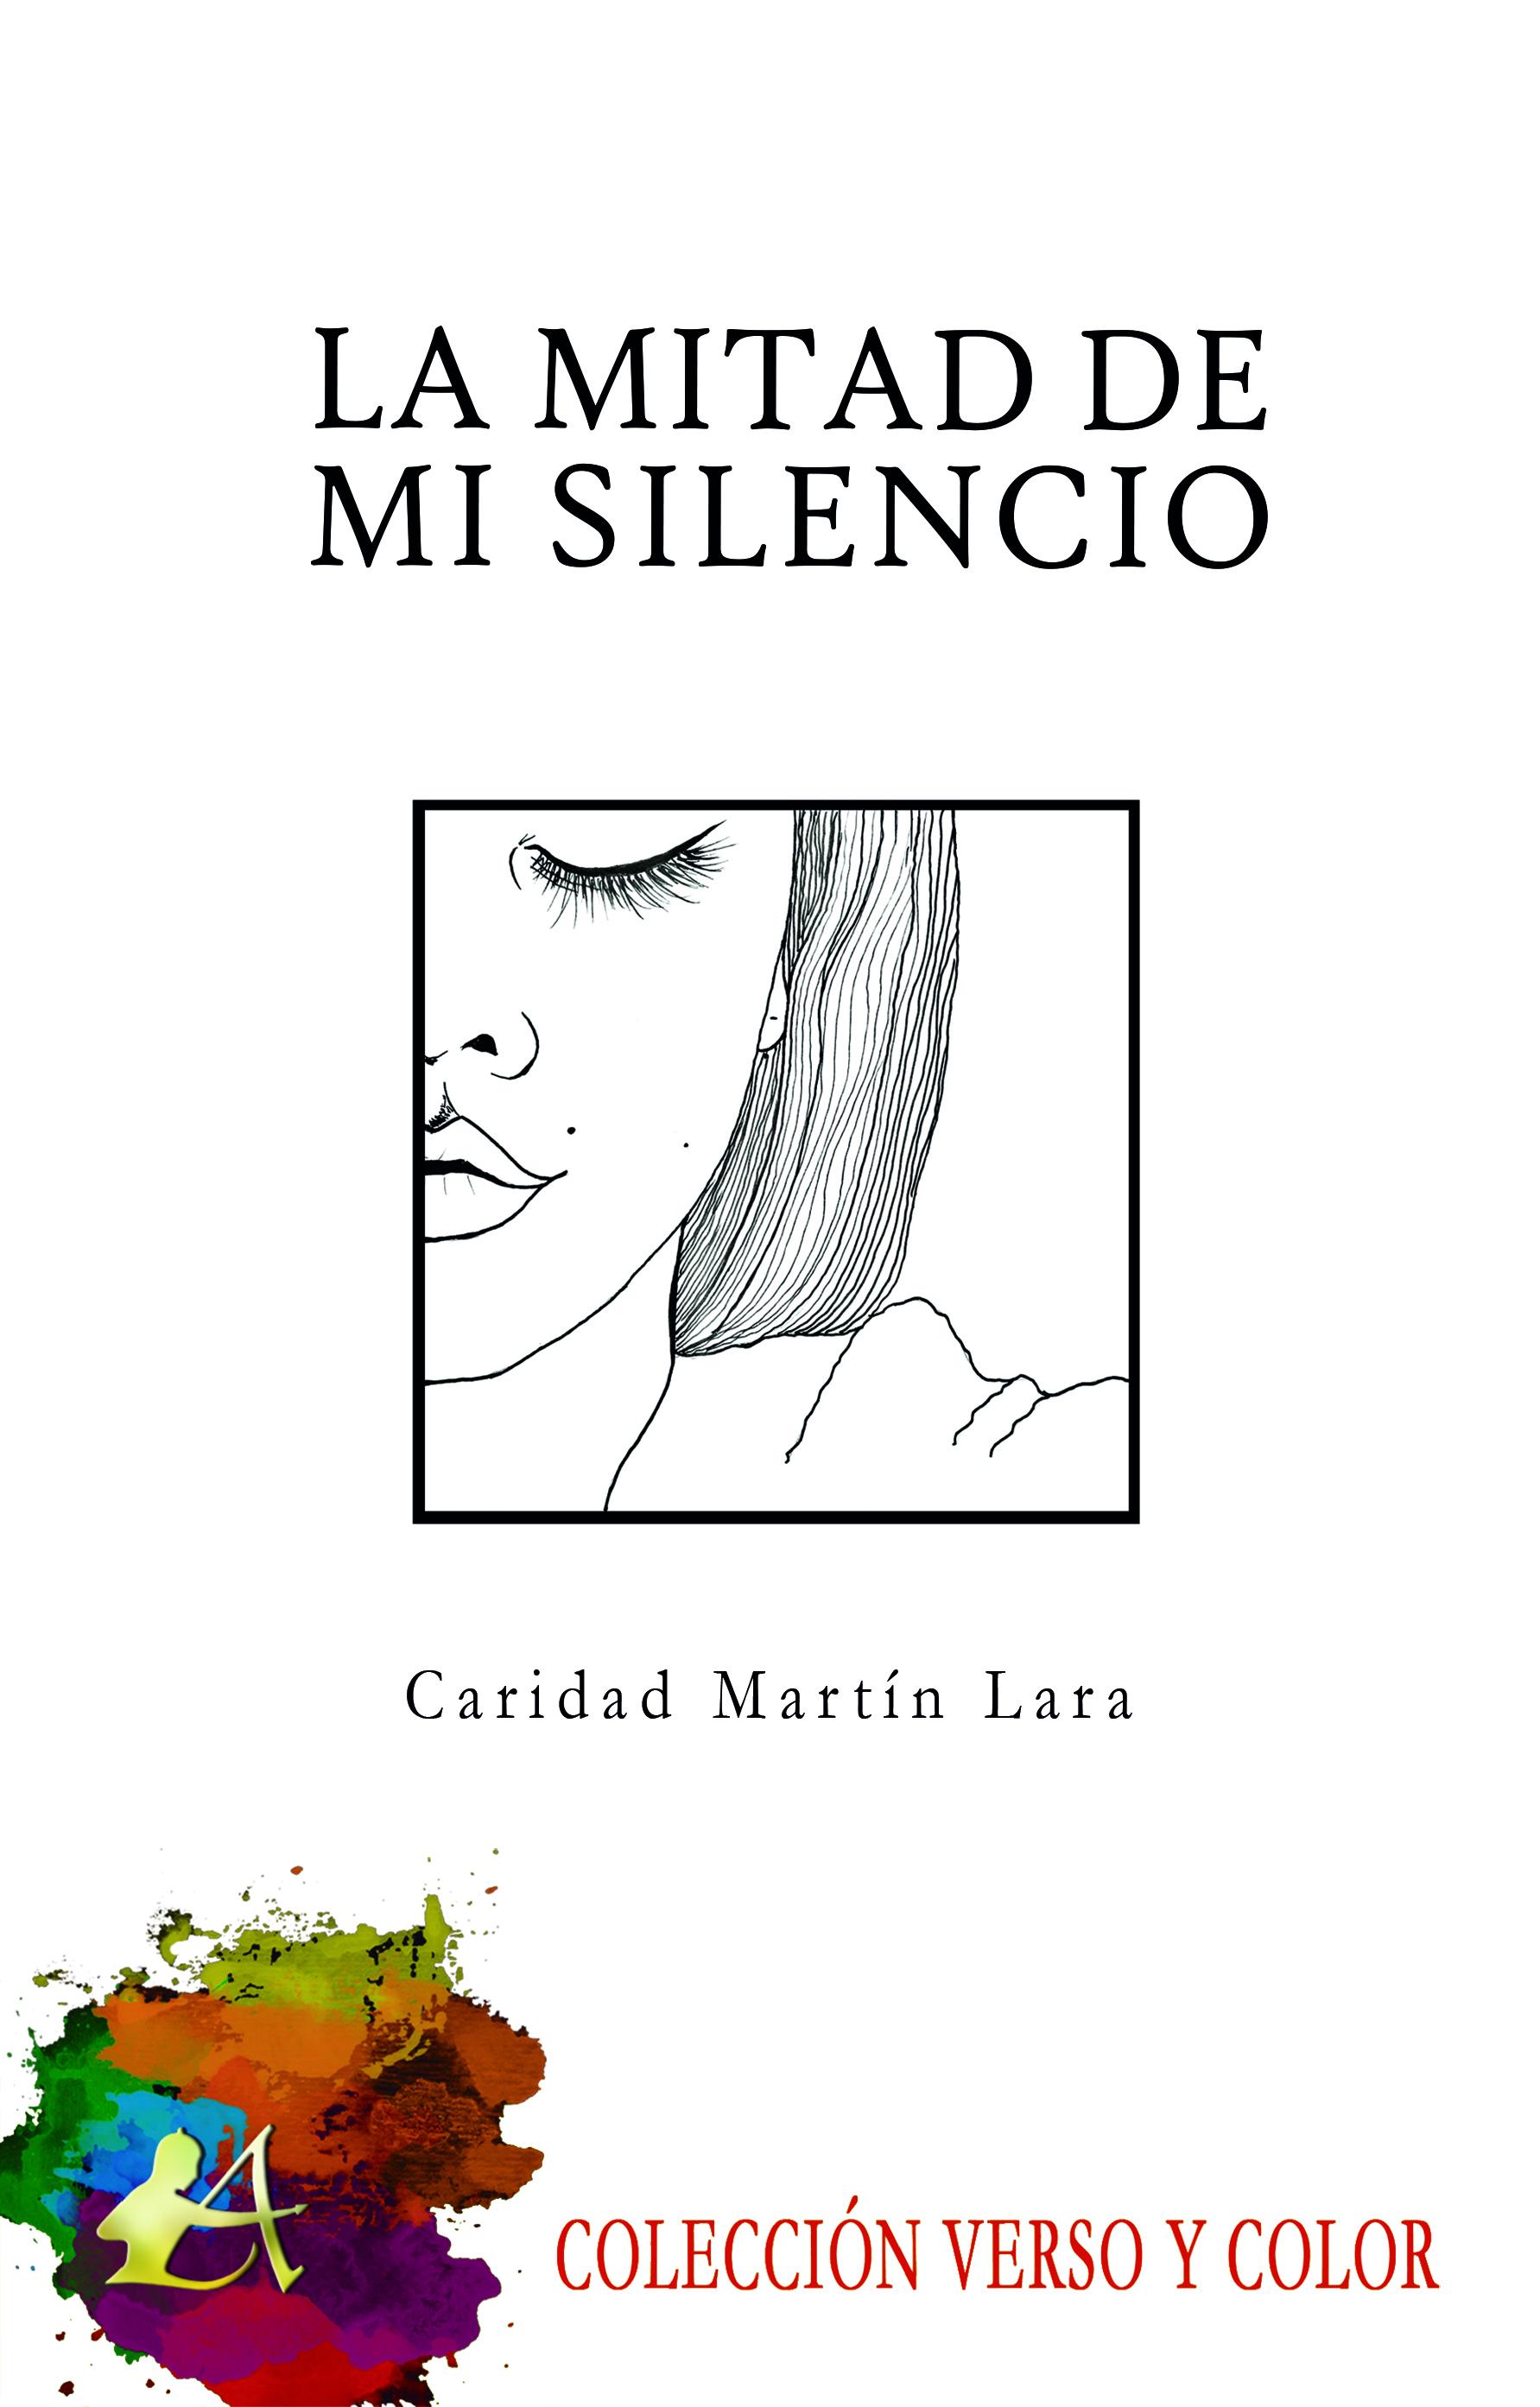 Portada del libro La mitad de mi silencio de Caridad martín Lara. Editorial Adarve, Librería Capitán Letras